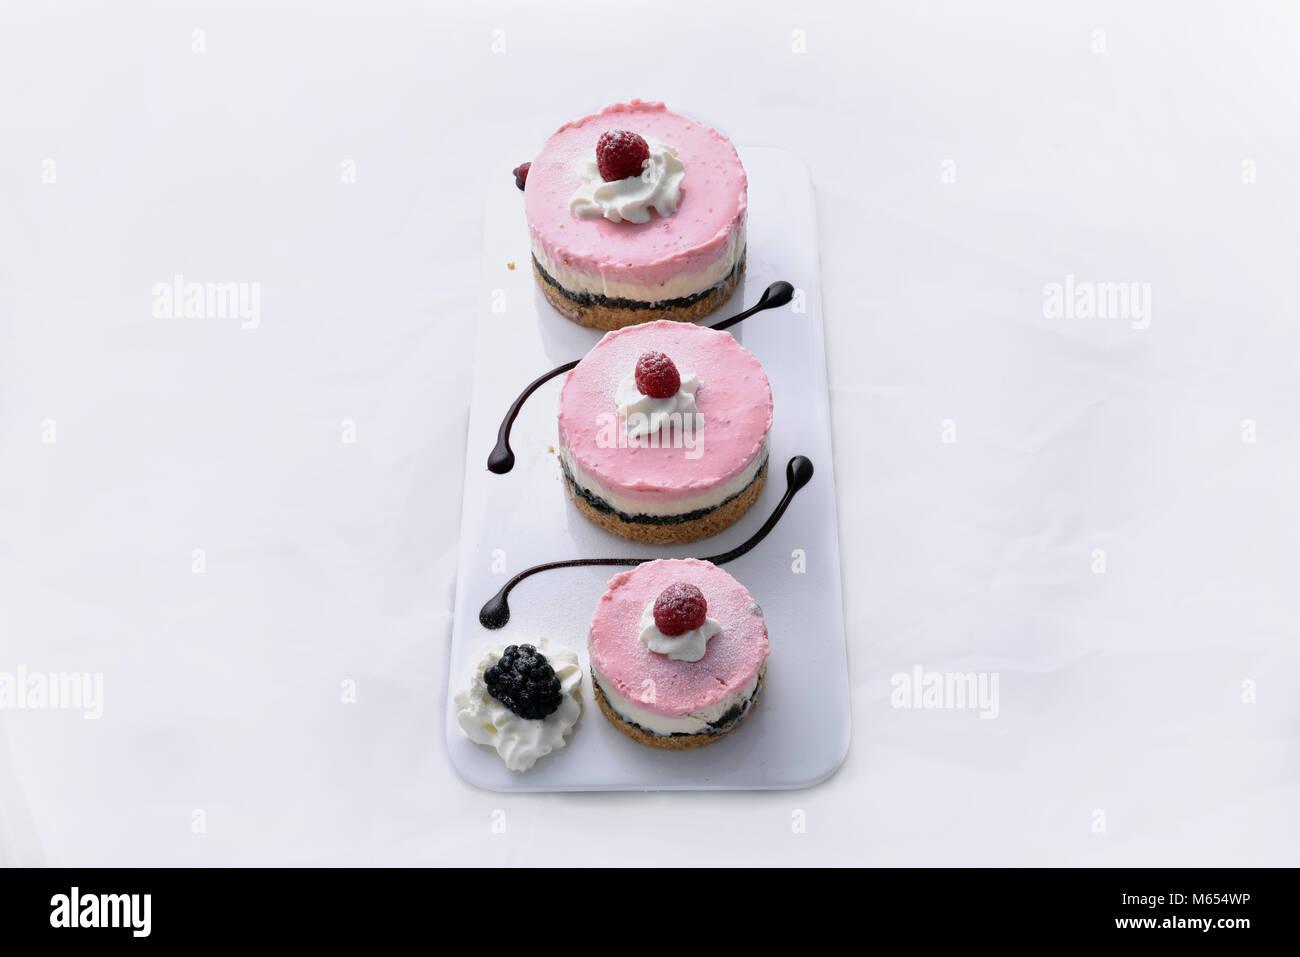 Oreo Cheesecake Dessert - Stock Image